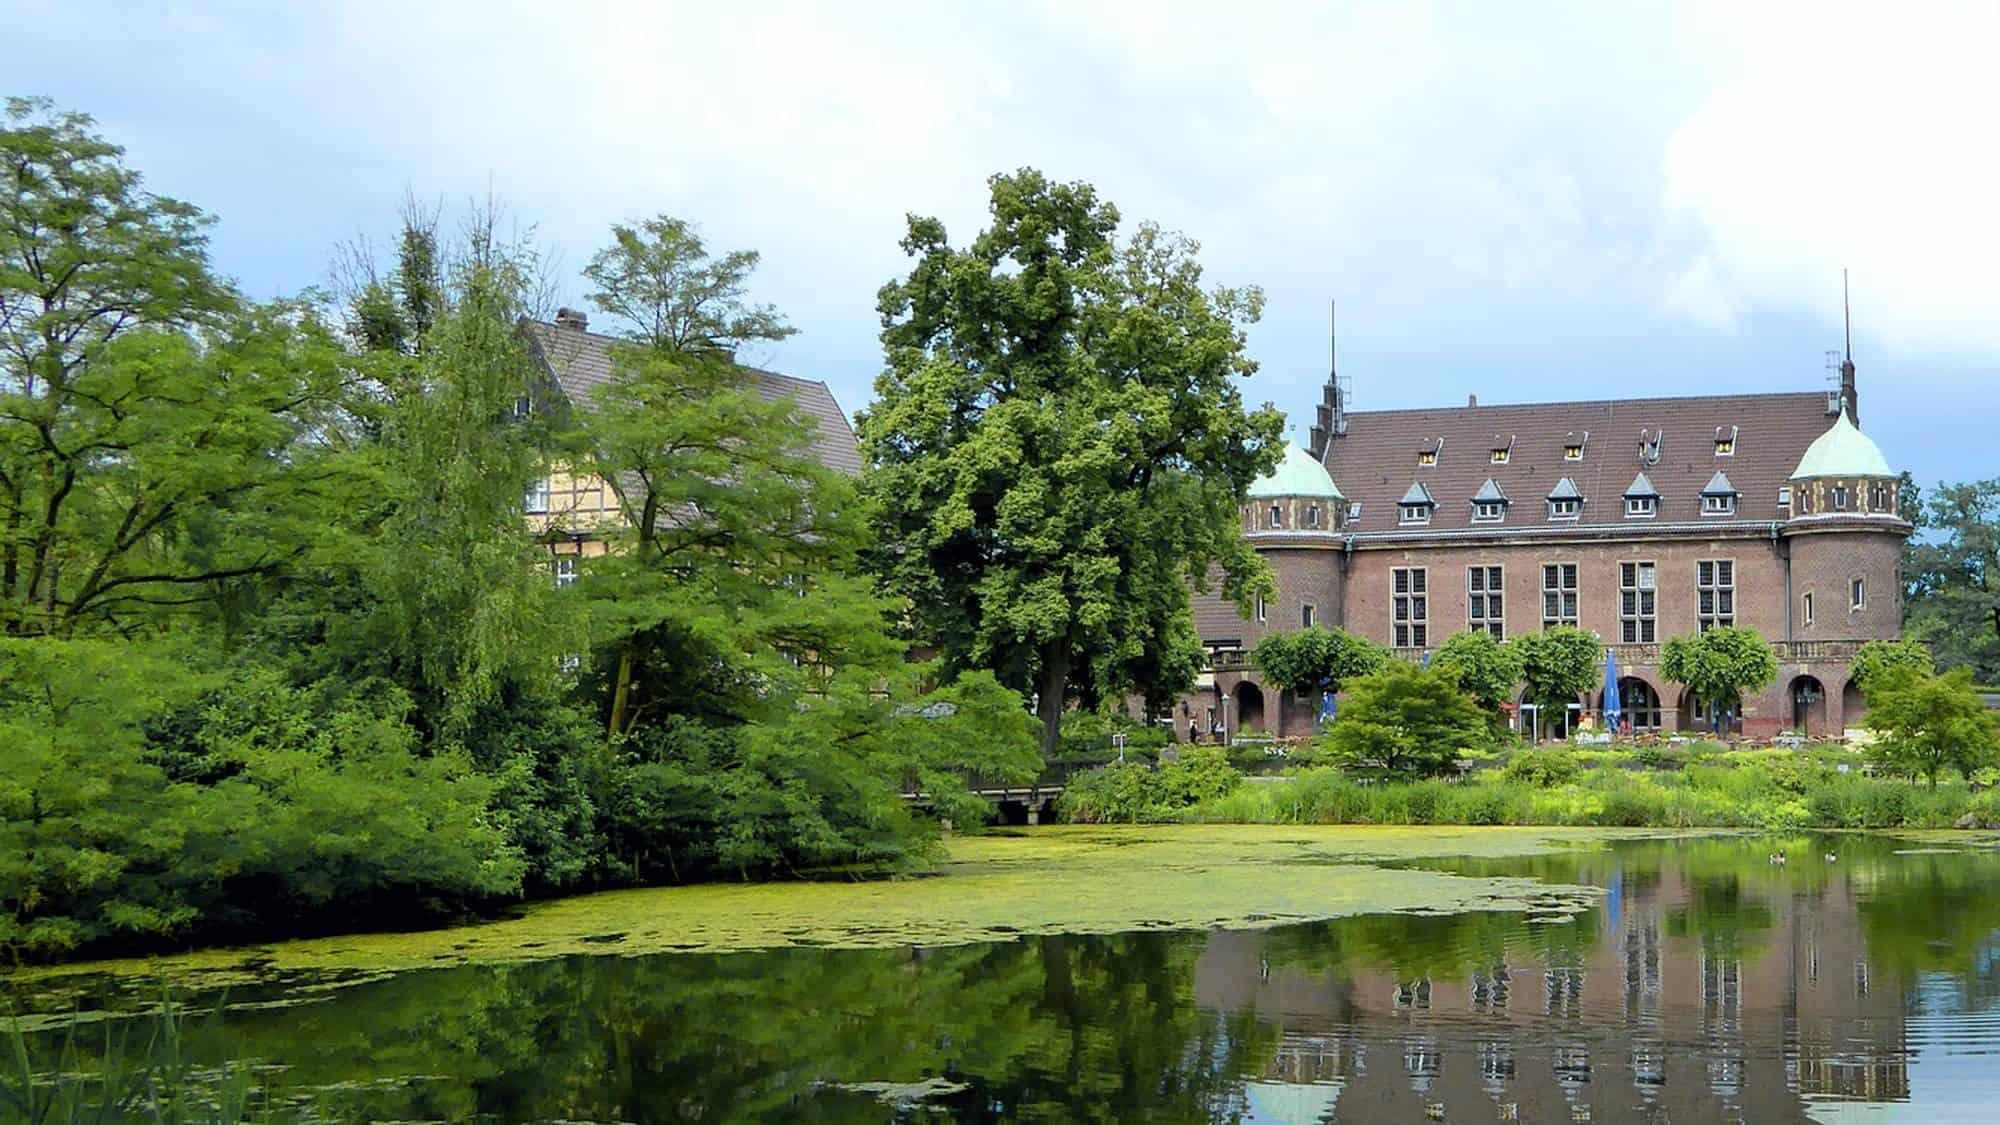 Freie Trauung auf Schloss Wittringen Nordrhein-Westfalen